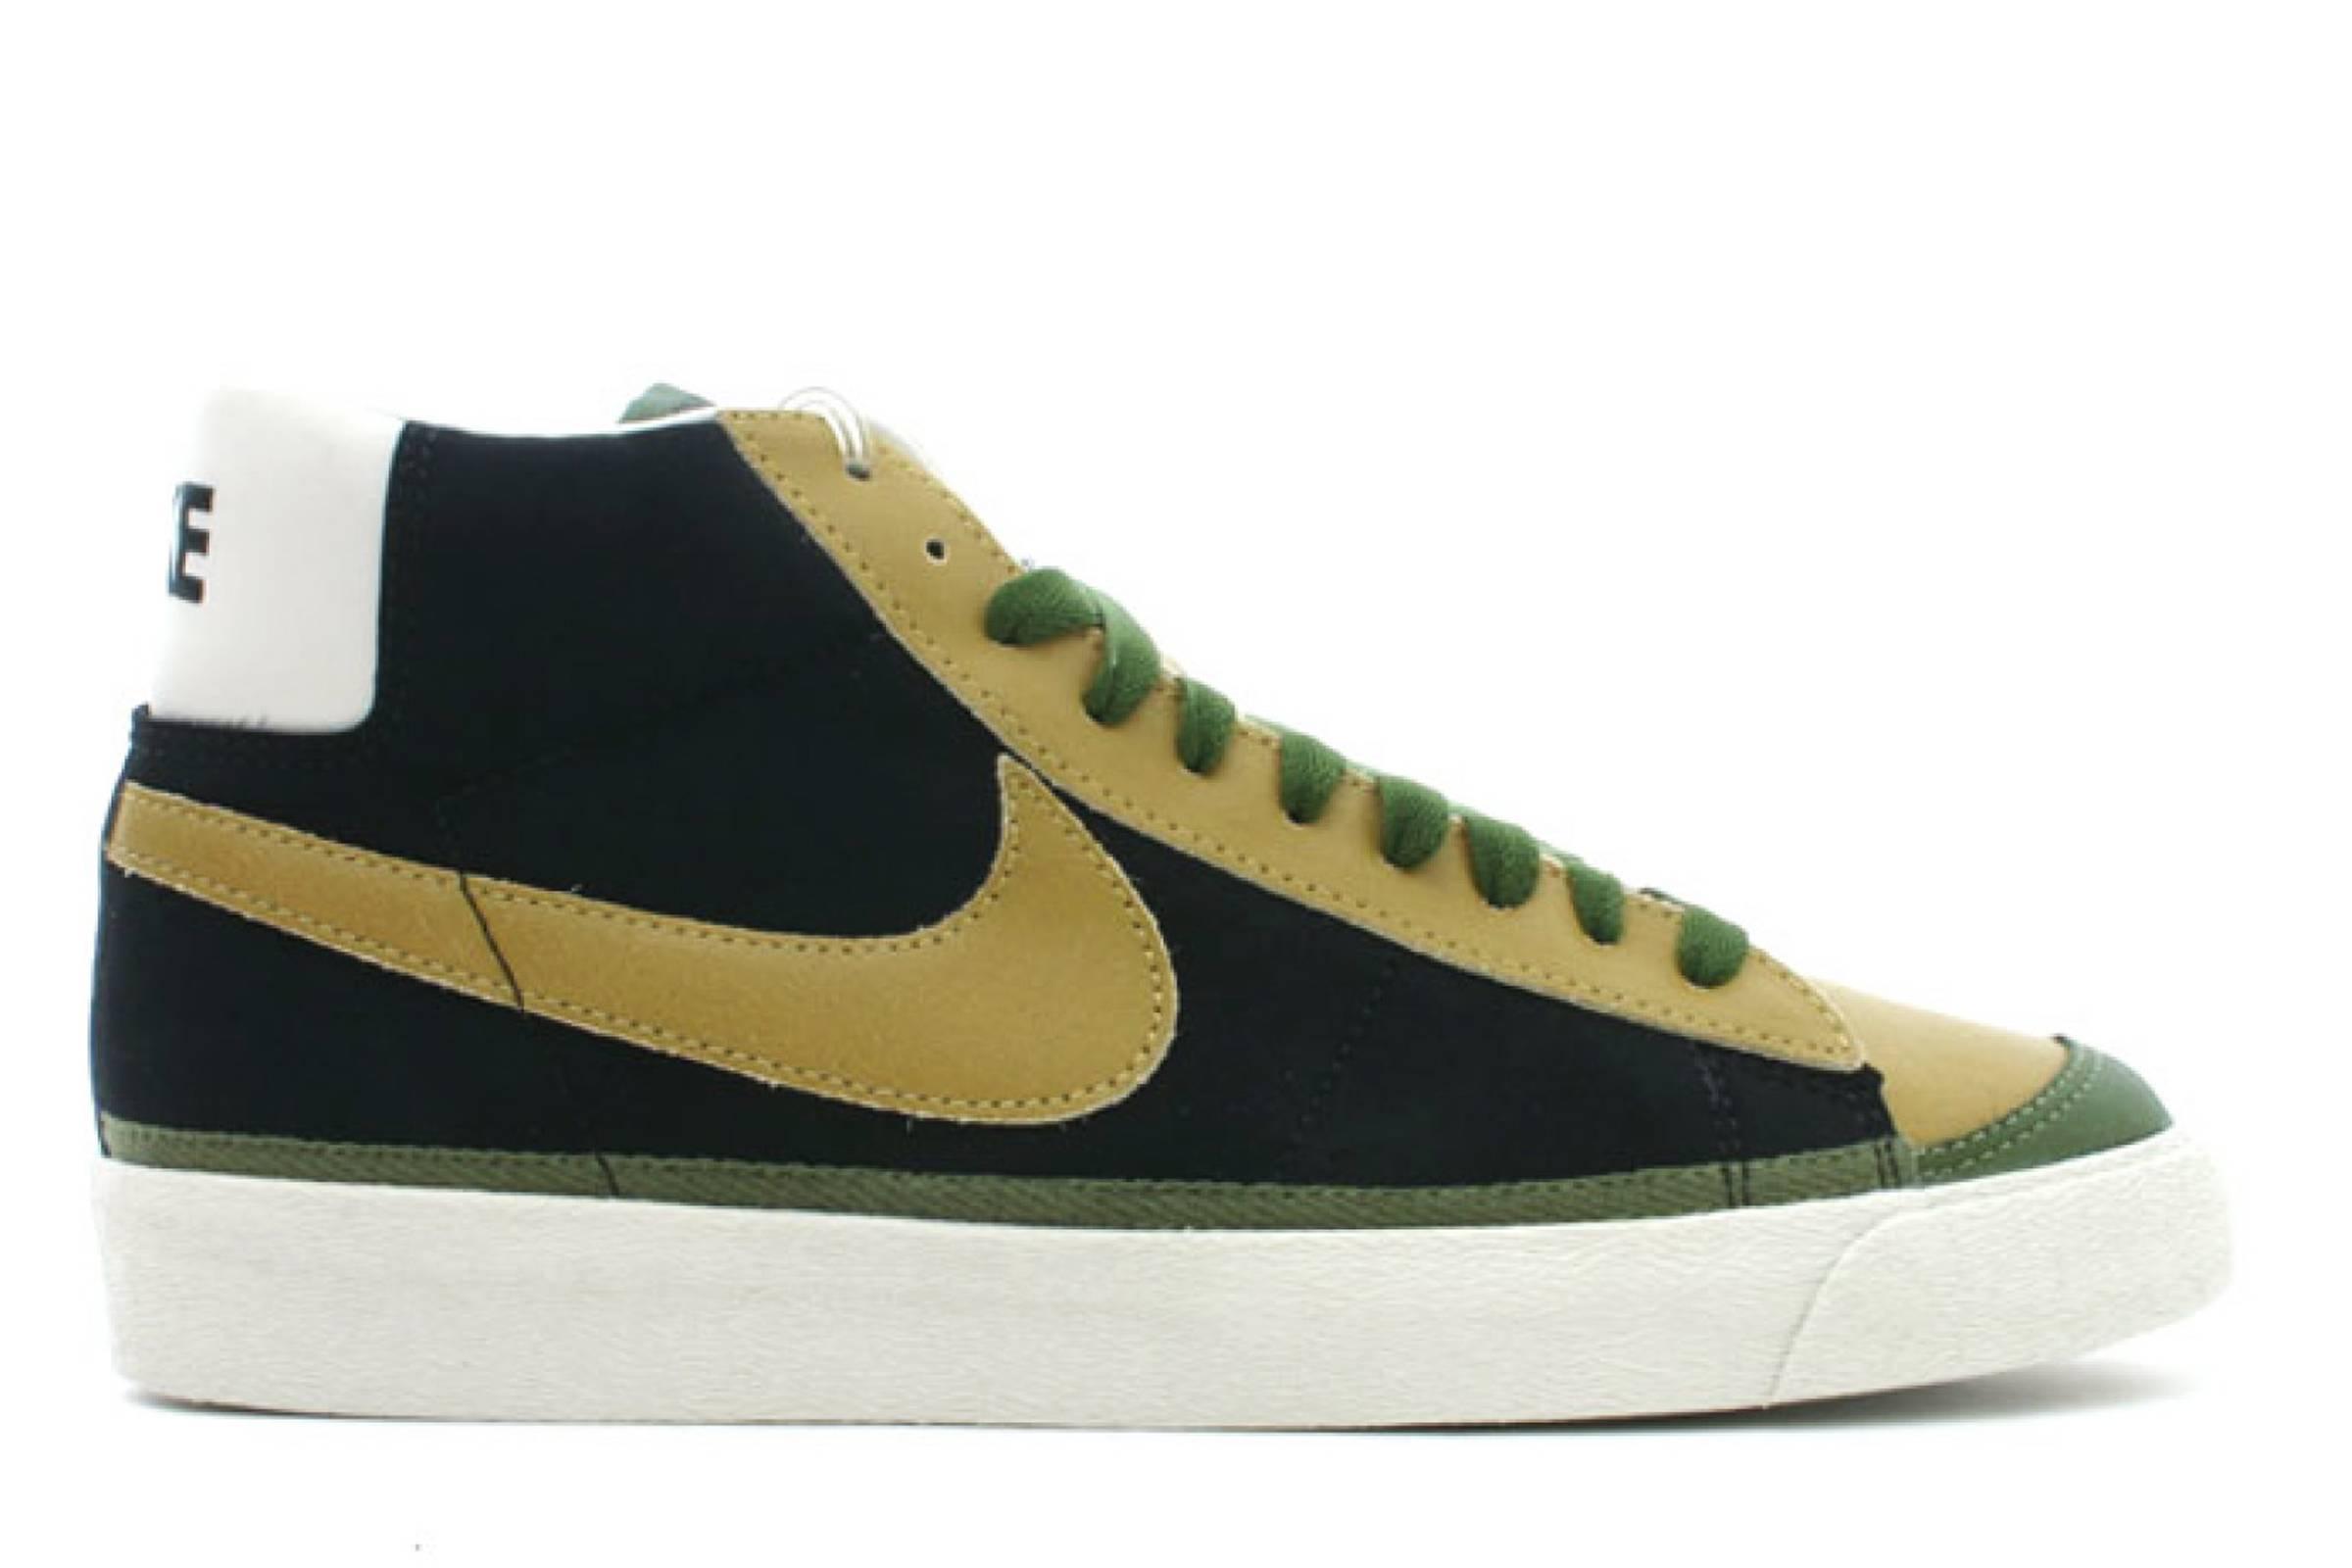 reputable site 9bd3a e3bd6 Nike Blazer Suede Futura